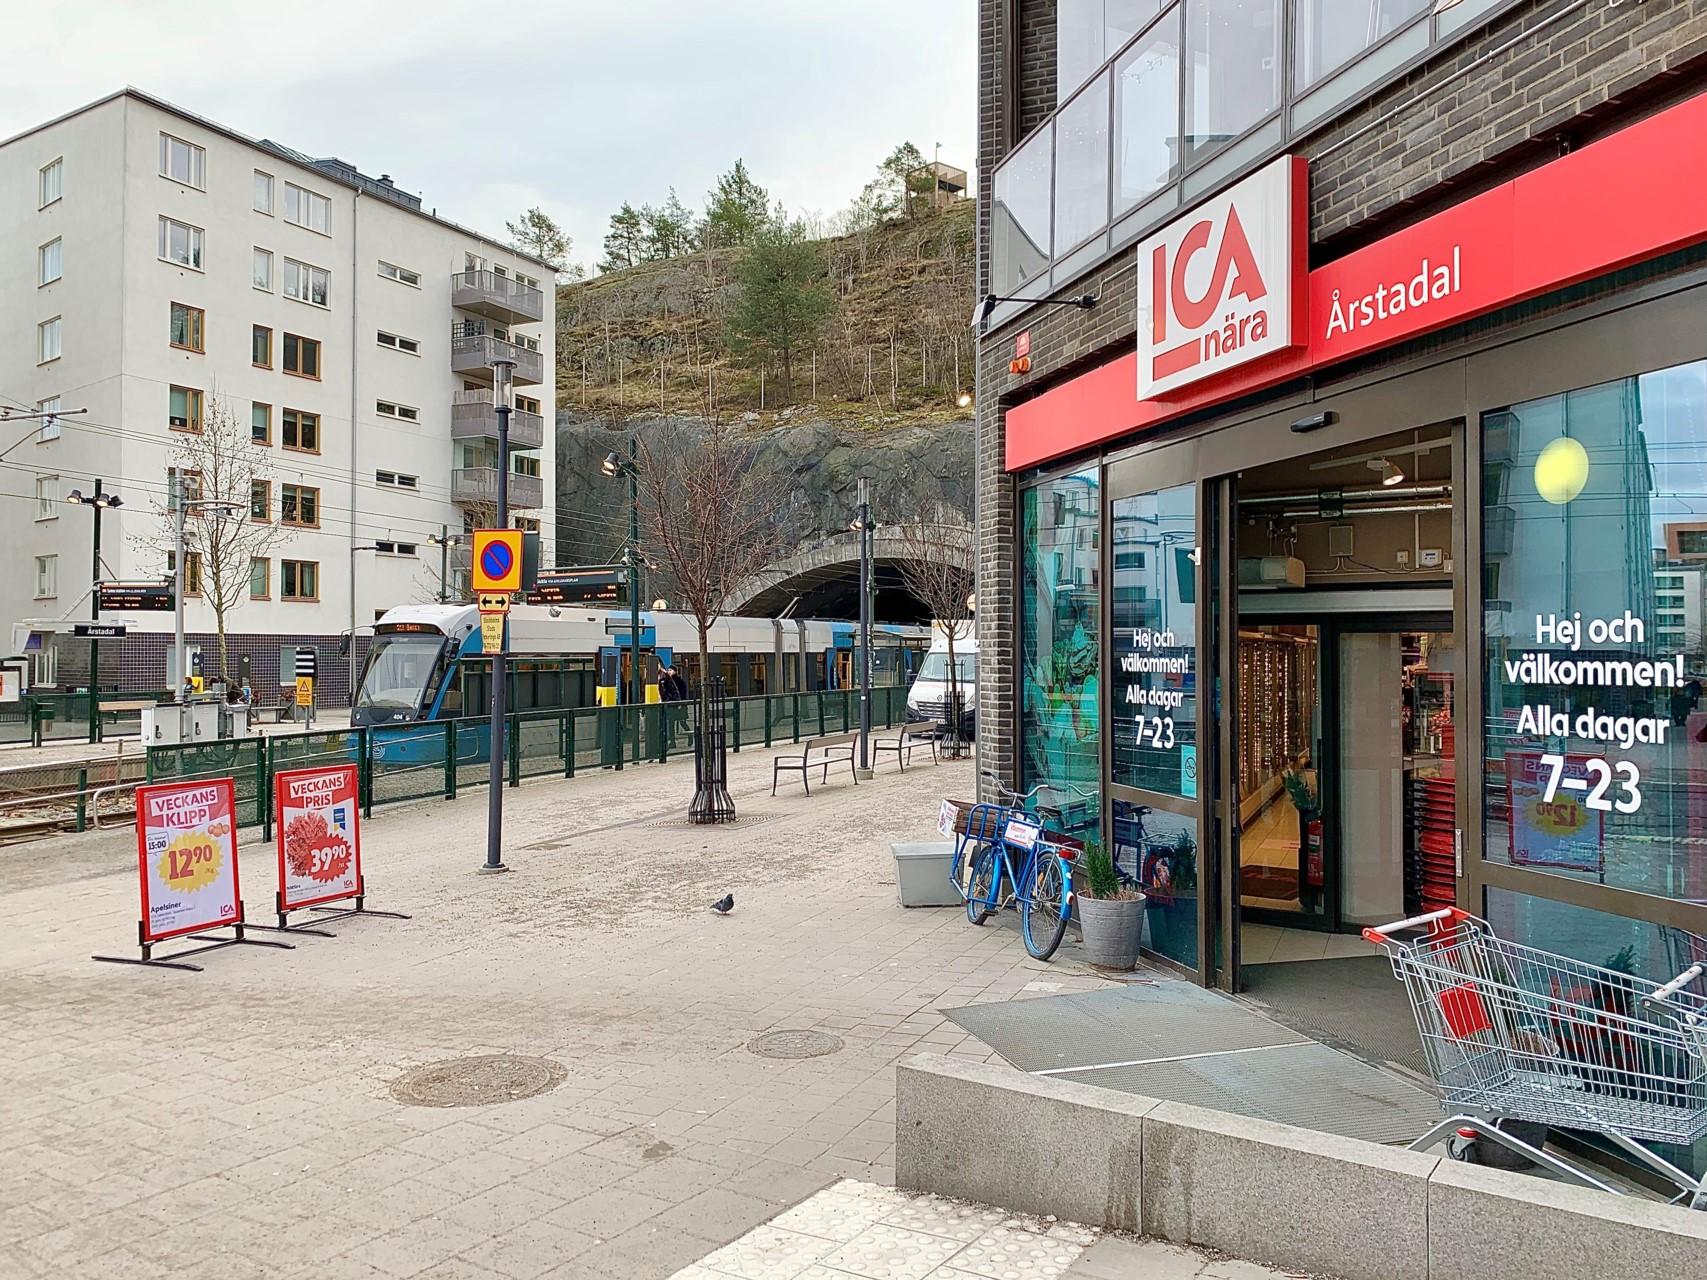 Sjöviksvägen 37, 5tr - Årstadal och Ica